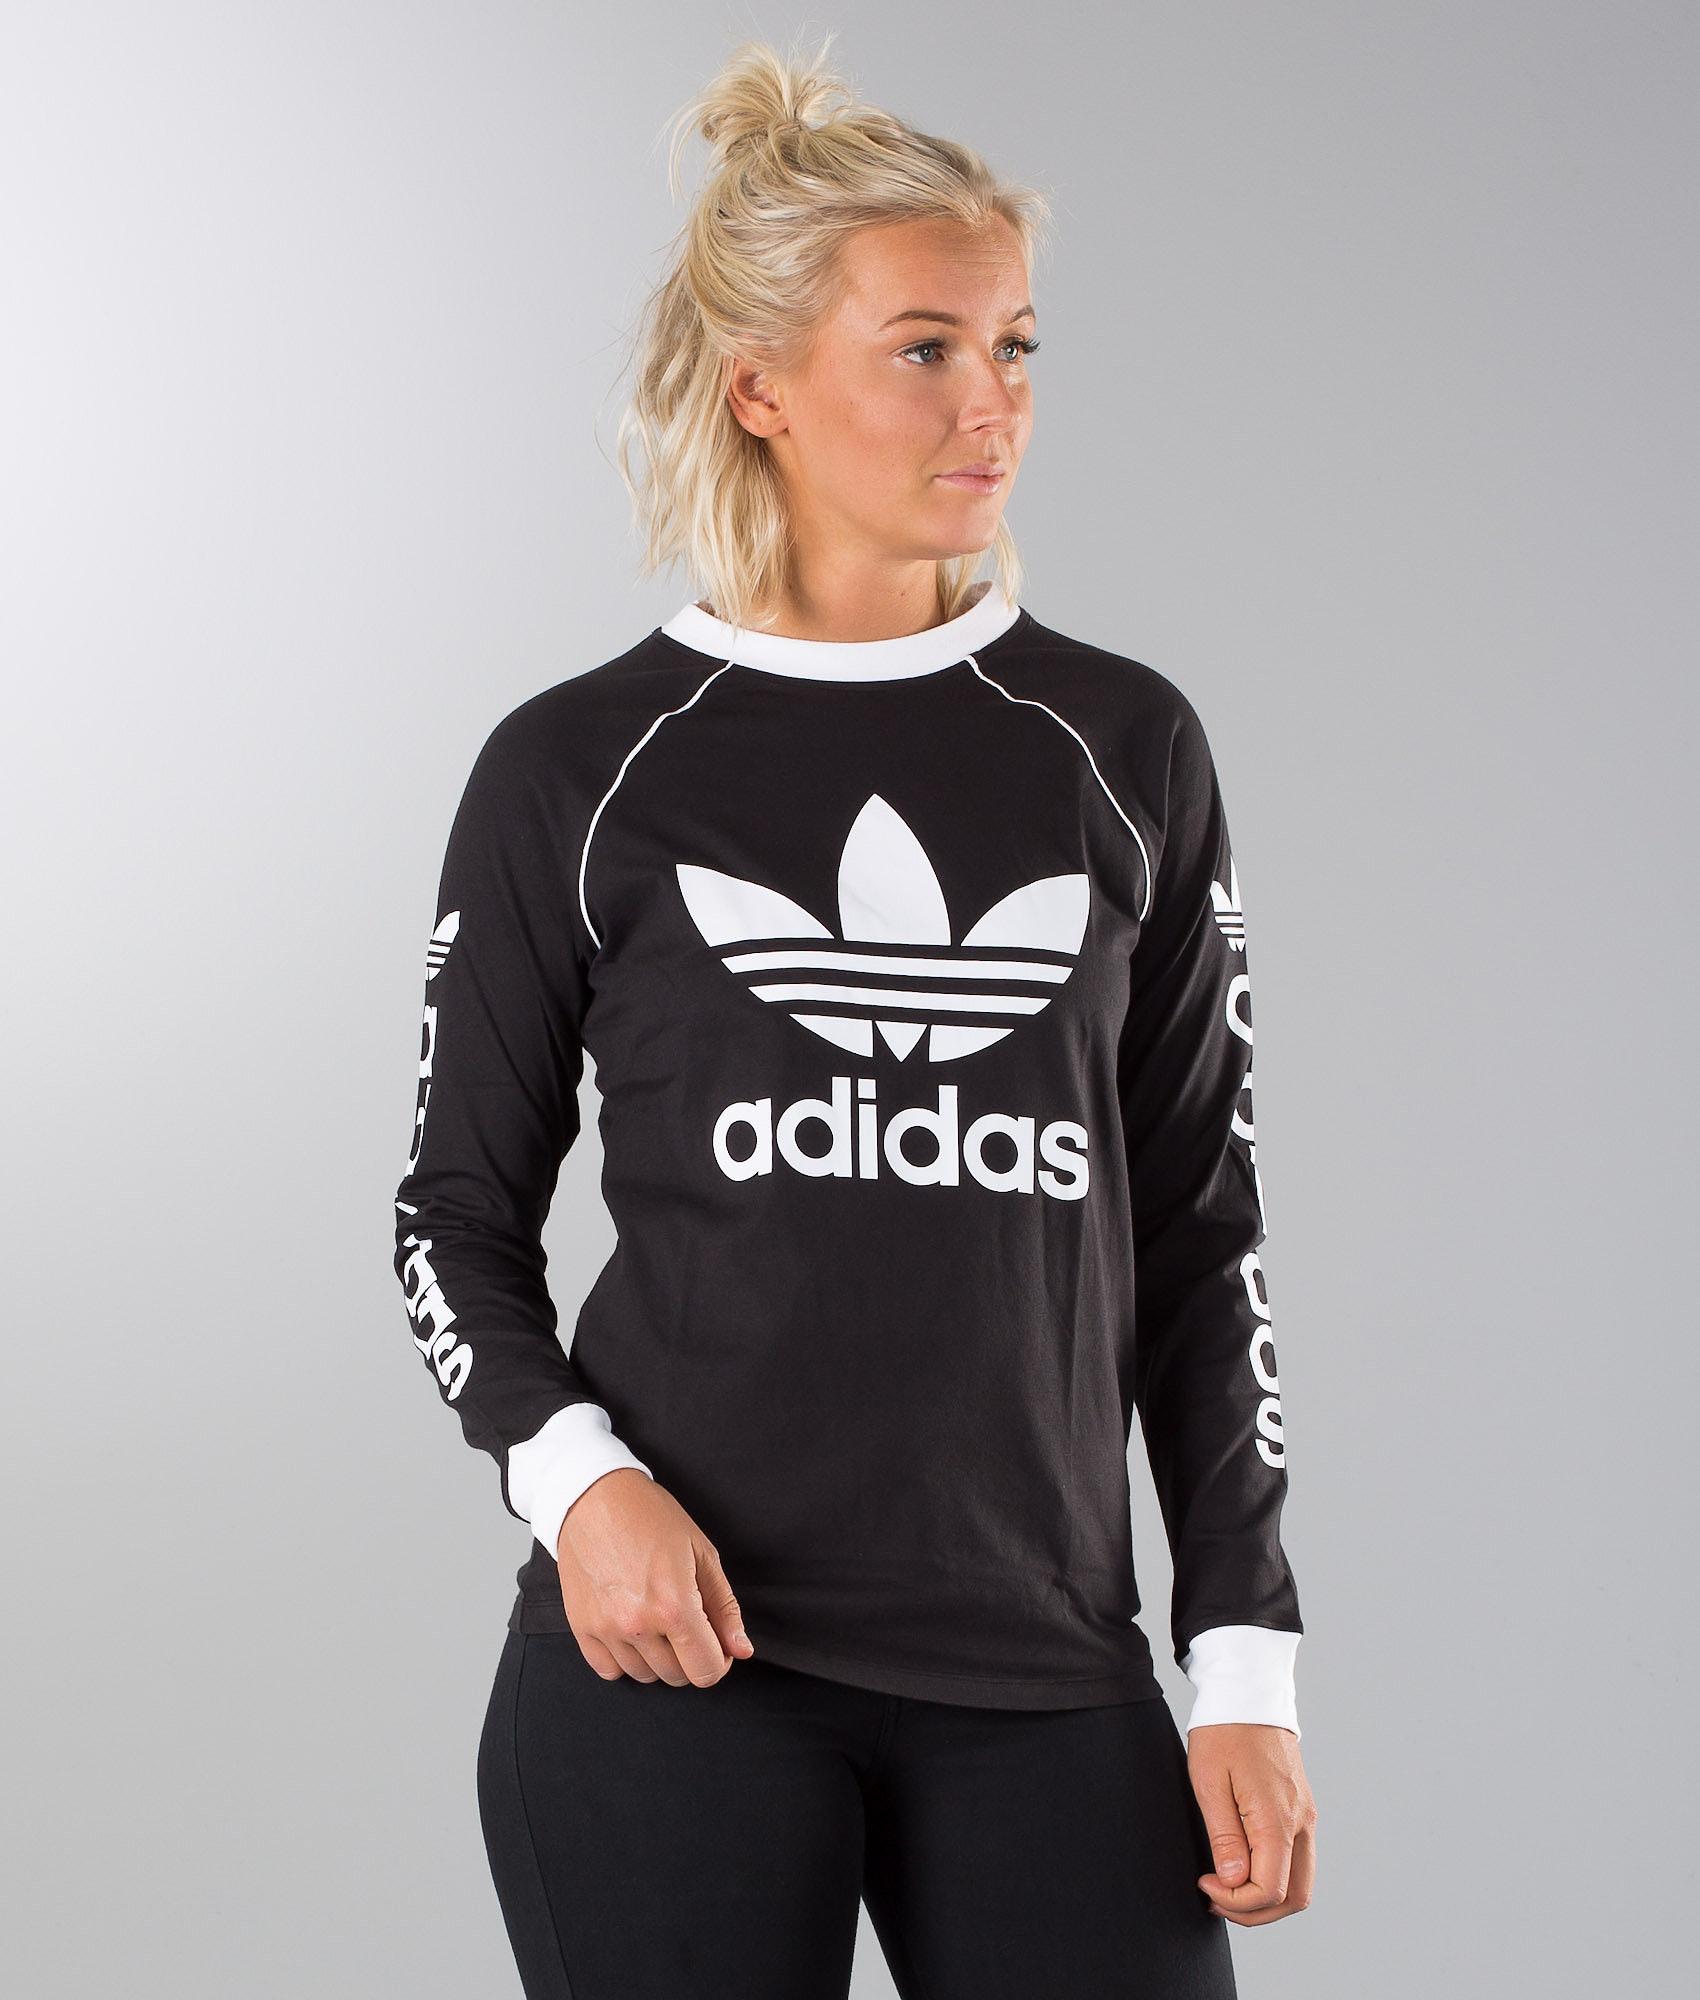 c428d47e8 Adidas Originals OG Longsleeve Black - Ridestore.com